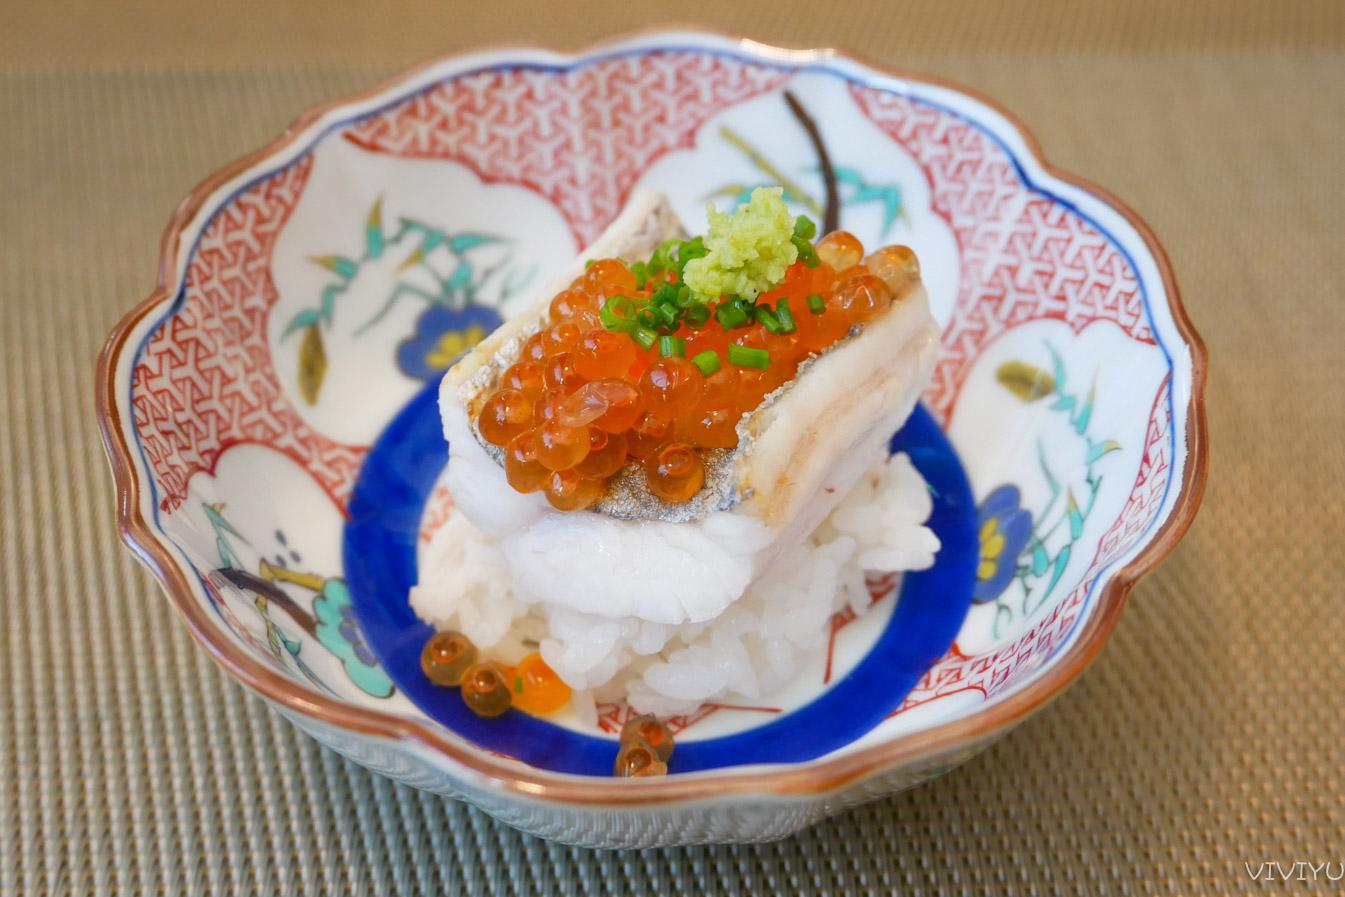 最新推播訊息:[台中美食]いさぎISAGI潔日本料理|日本福岡的無菜單料理海外第一間分店~2020台中米其林餐盤推薦